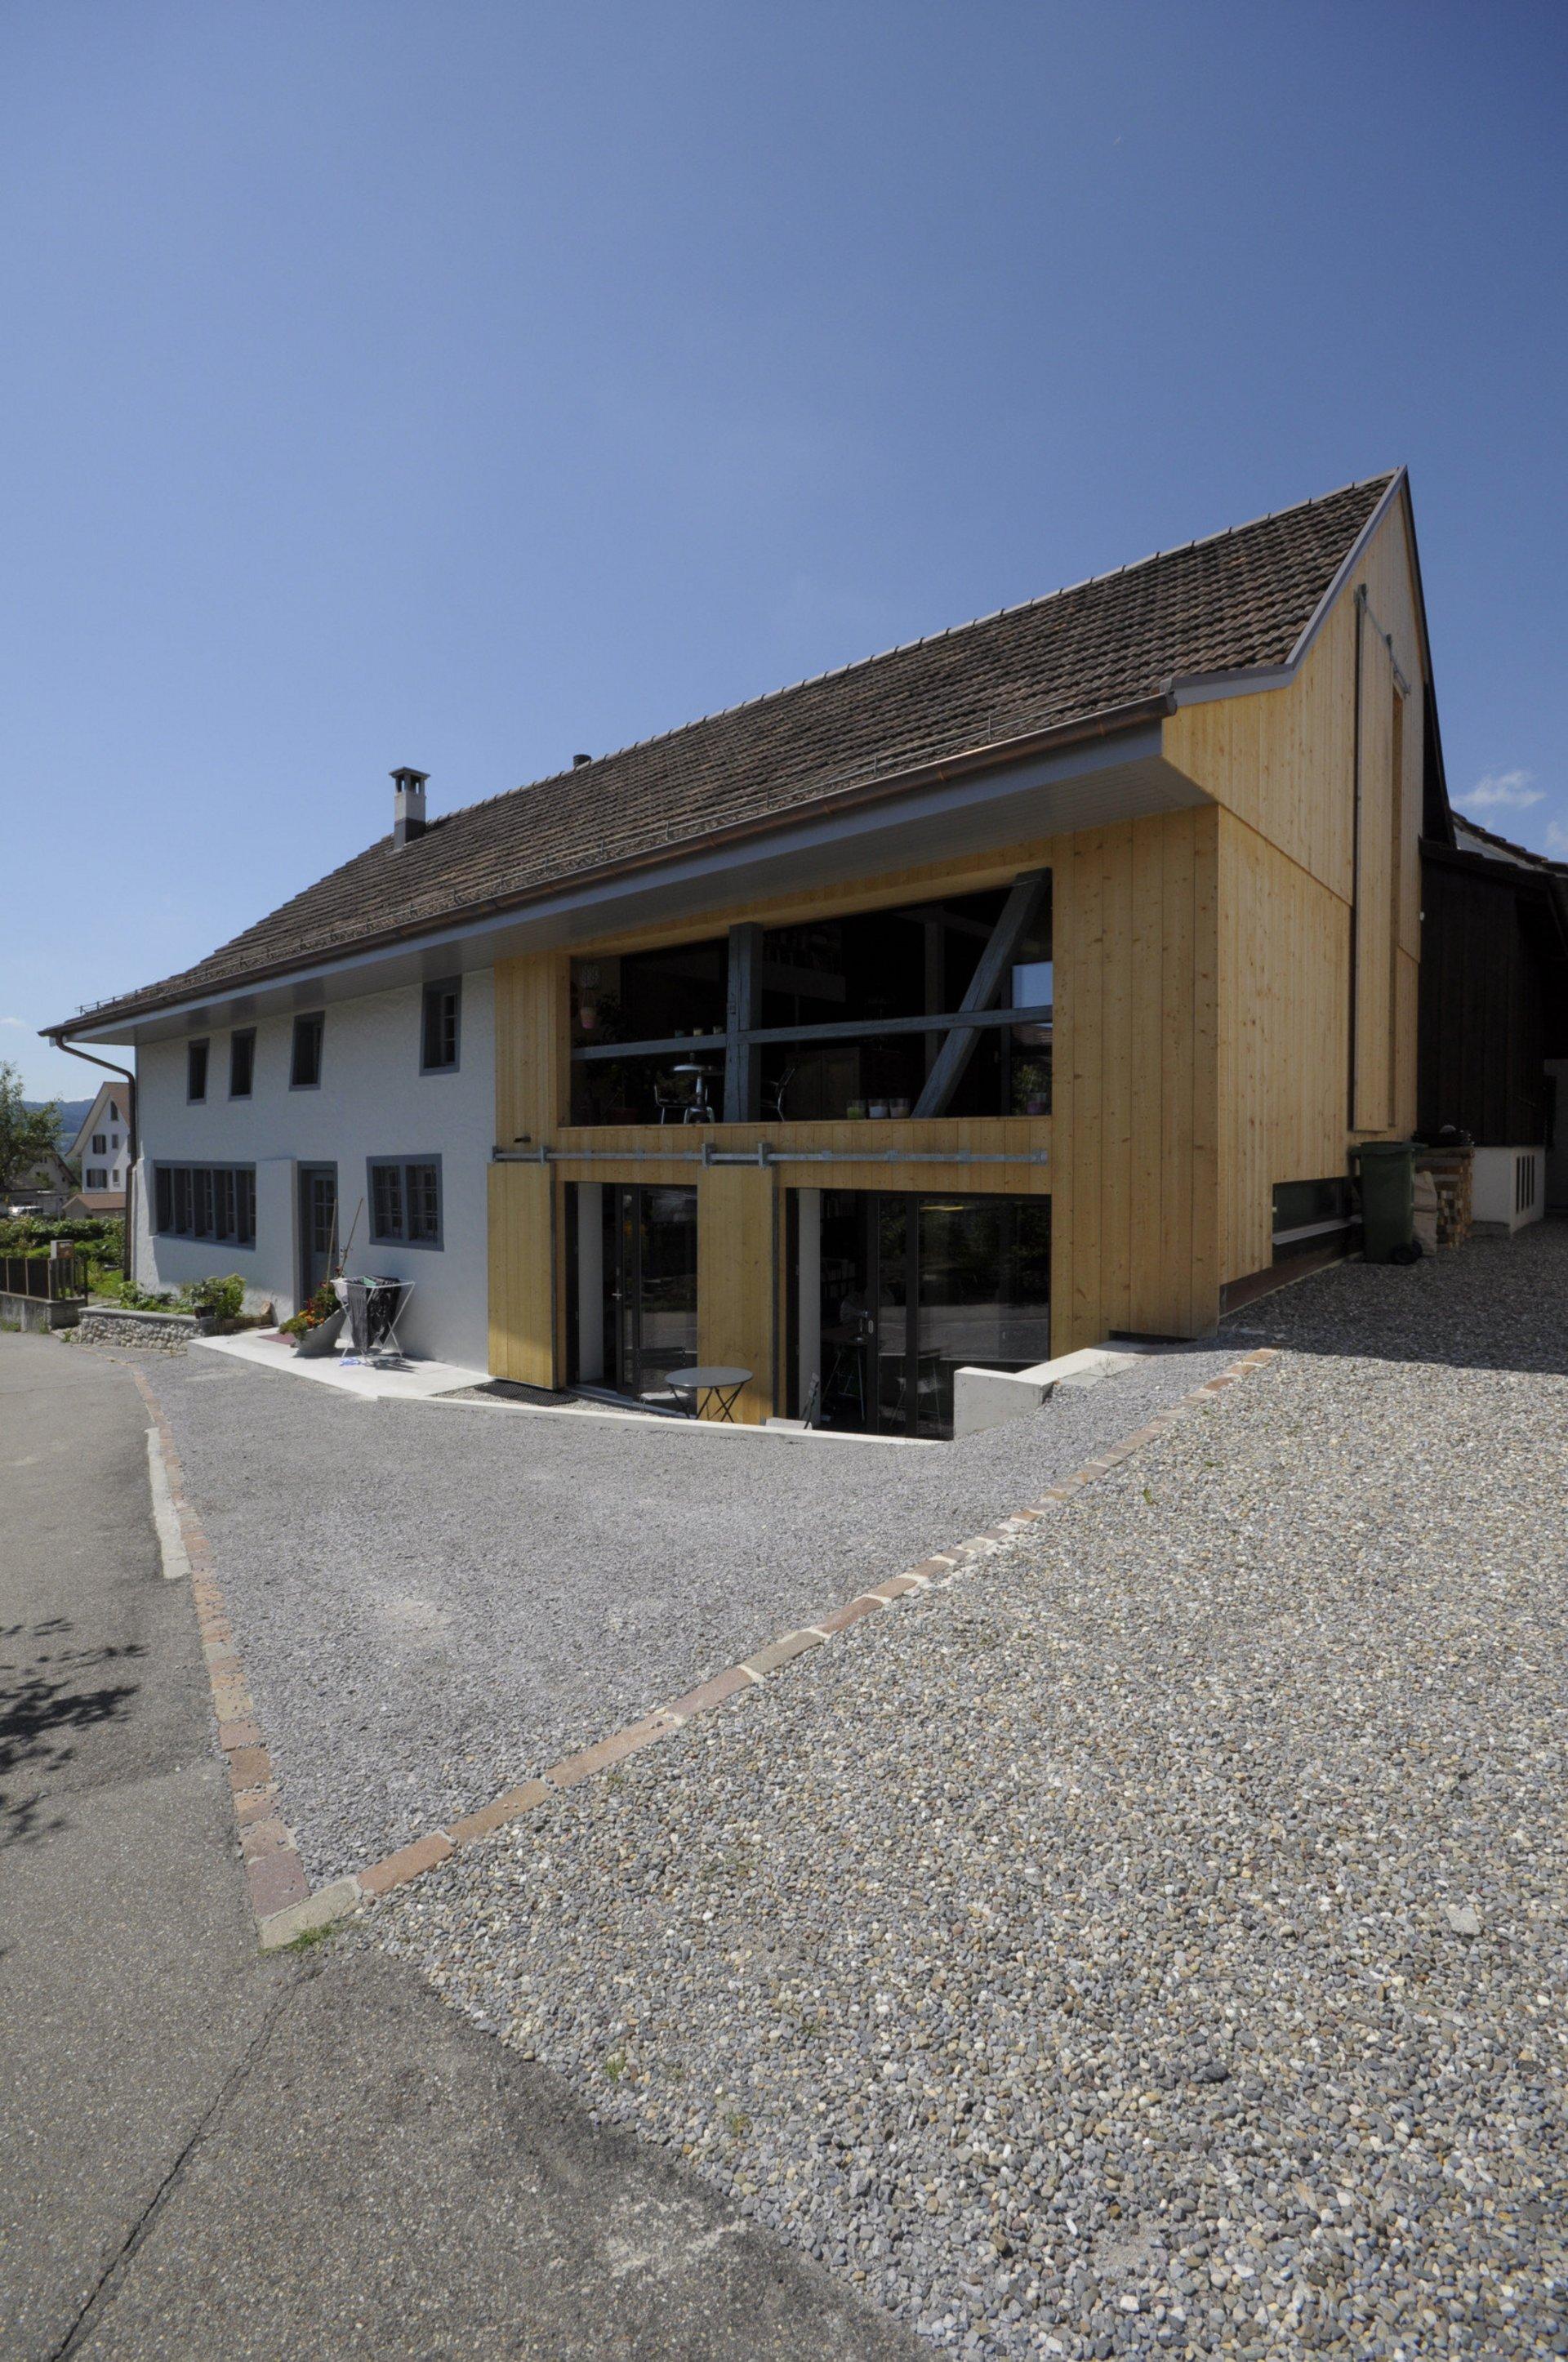 Aussenansicht von 2-geschossigem Haus mit neuer Holzfassade und grosszügiger Fensterfläche